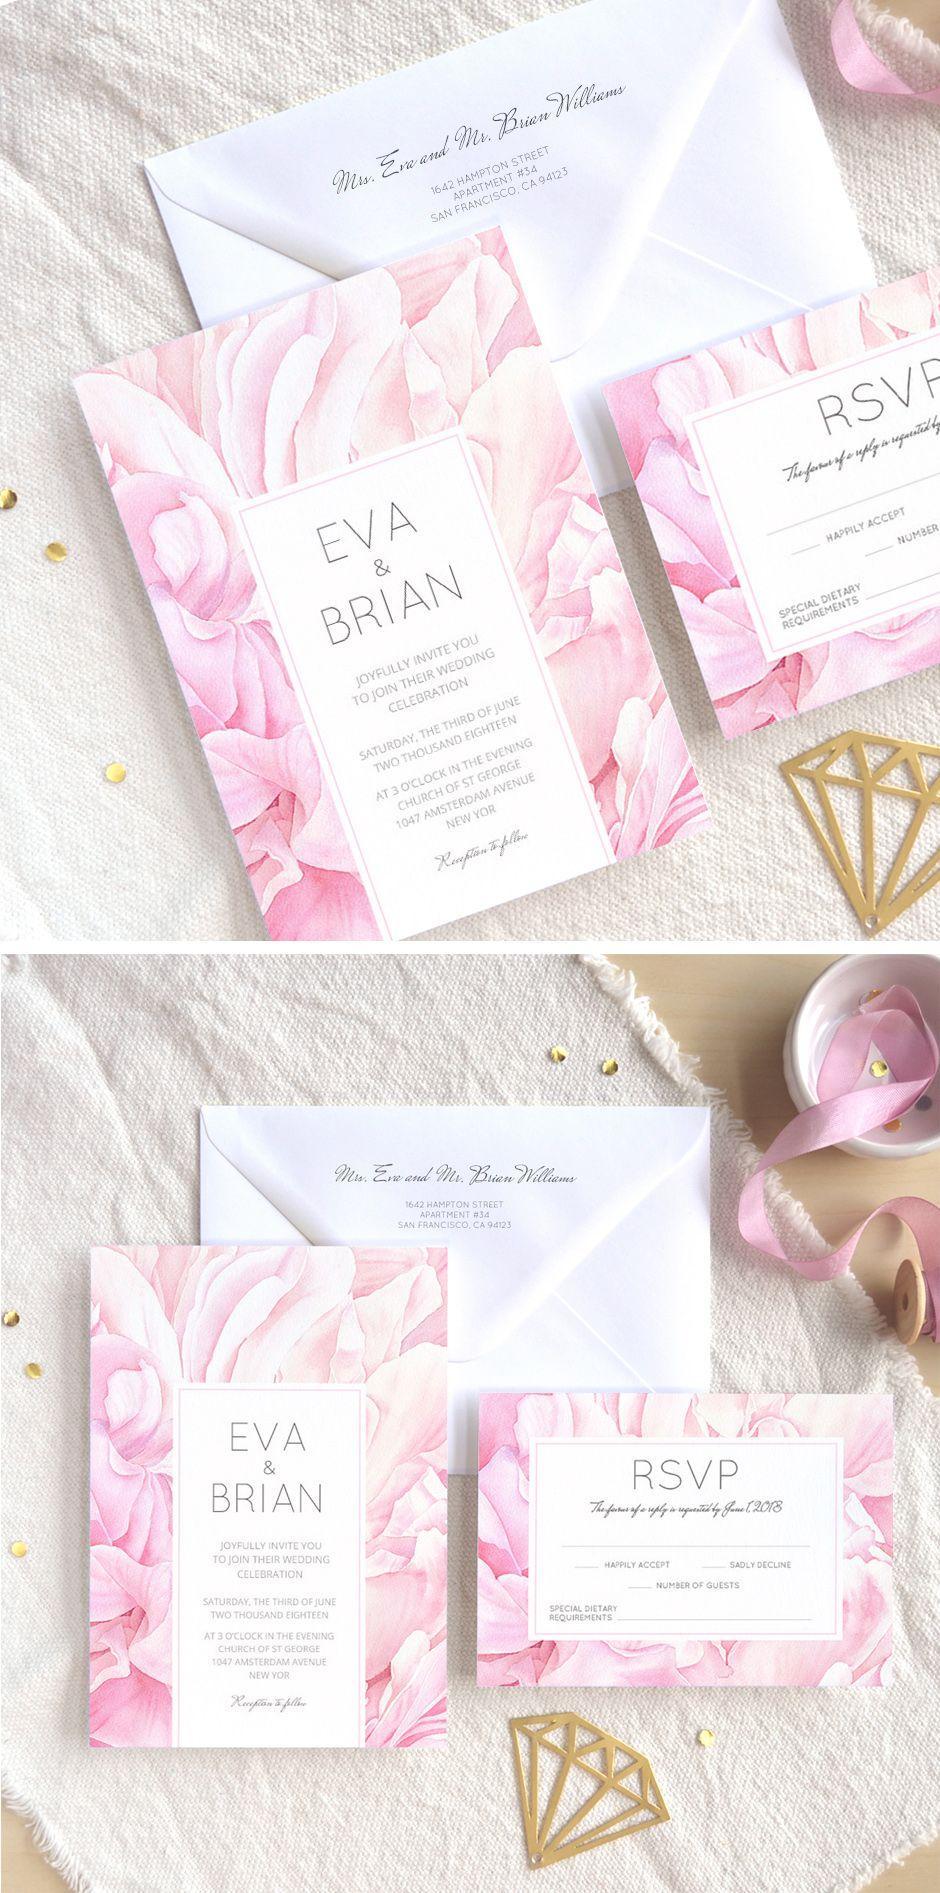 Watercolors in Love - Watercolor Wedding Invitations | Invitation ...